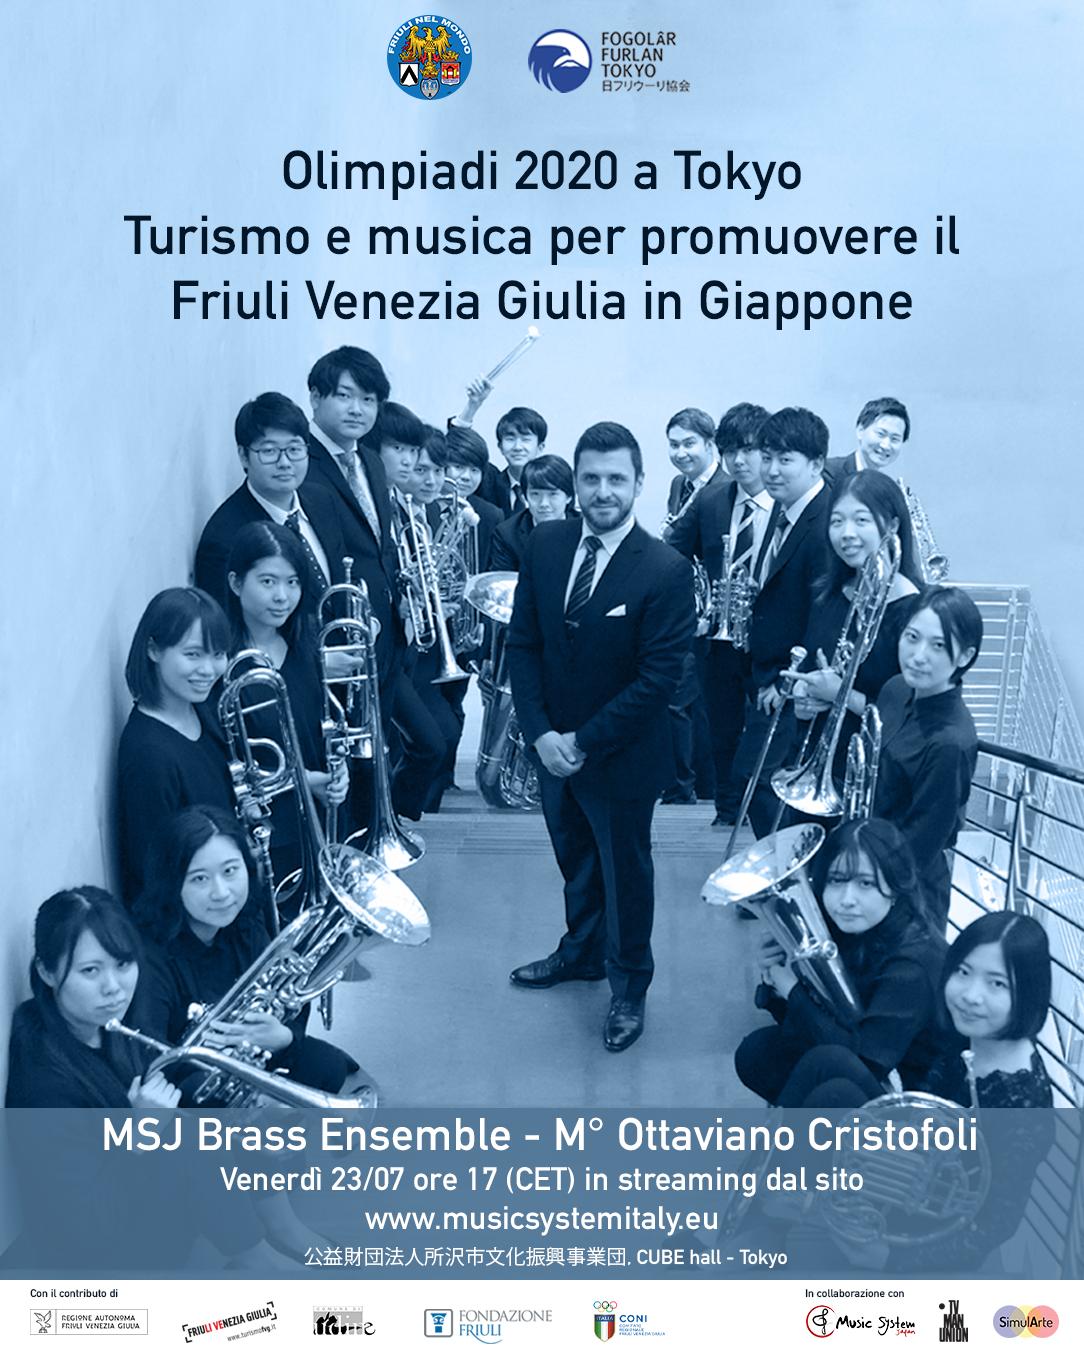 """""""Olimpiadi 2020 a Tokyo: turismo e musica per promuovere il Friuli Venezia Giulia in Giappone""""- Venerdì 23 luglio 2021 alle ore 17.00 CET"""